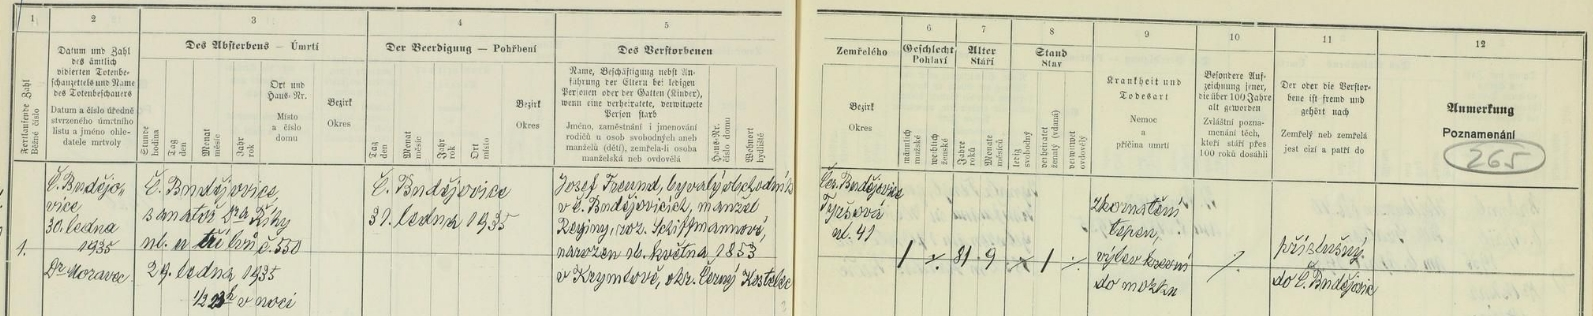 Záznam o smrti otcově v českobudějovické židovské matrice